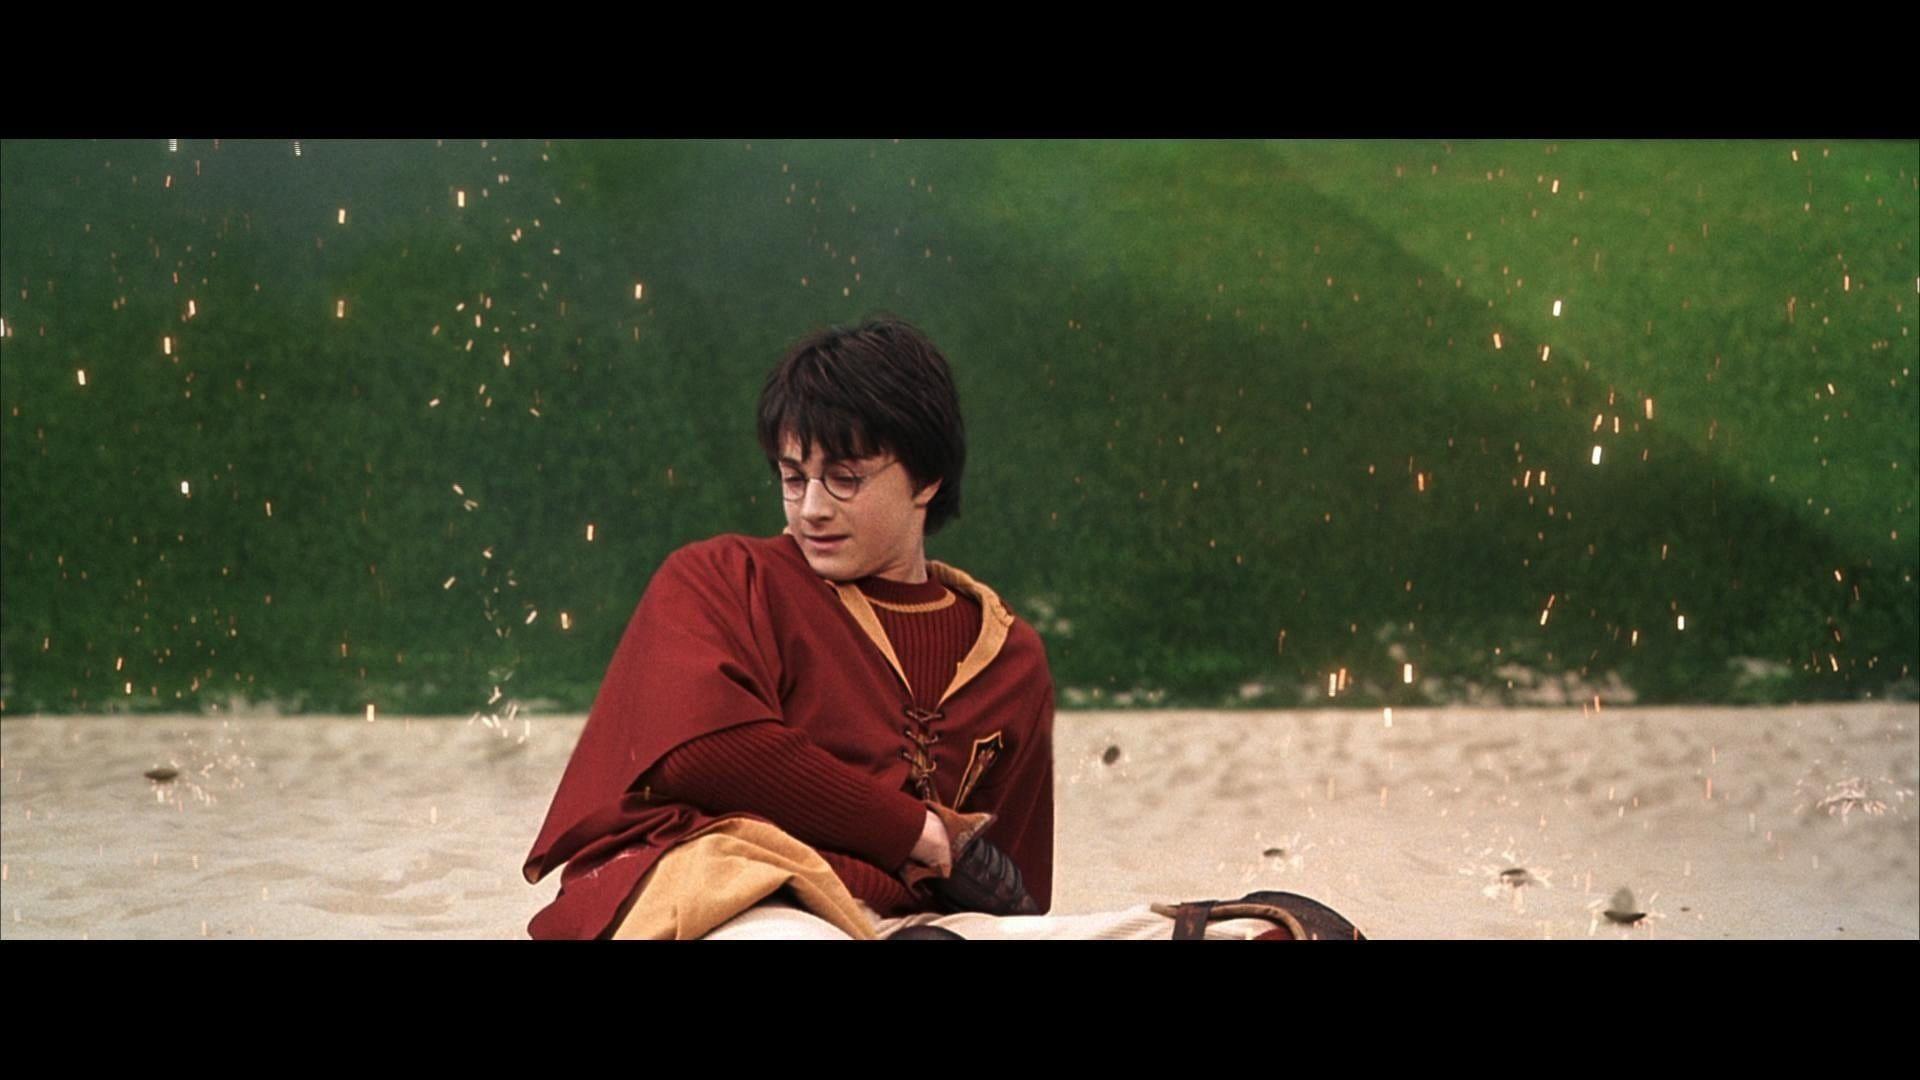 Watch Harry Potter En De Geheime Kamer 2002 Putlocker Film Complet Streaming Vlak Voor Zijn Tweed Free Movies Online Full Movies Online Free Chamber Of Secrets